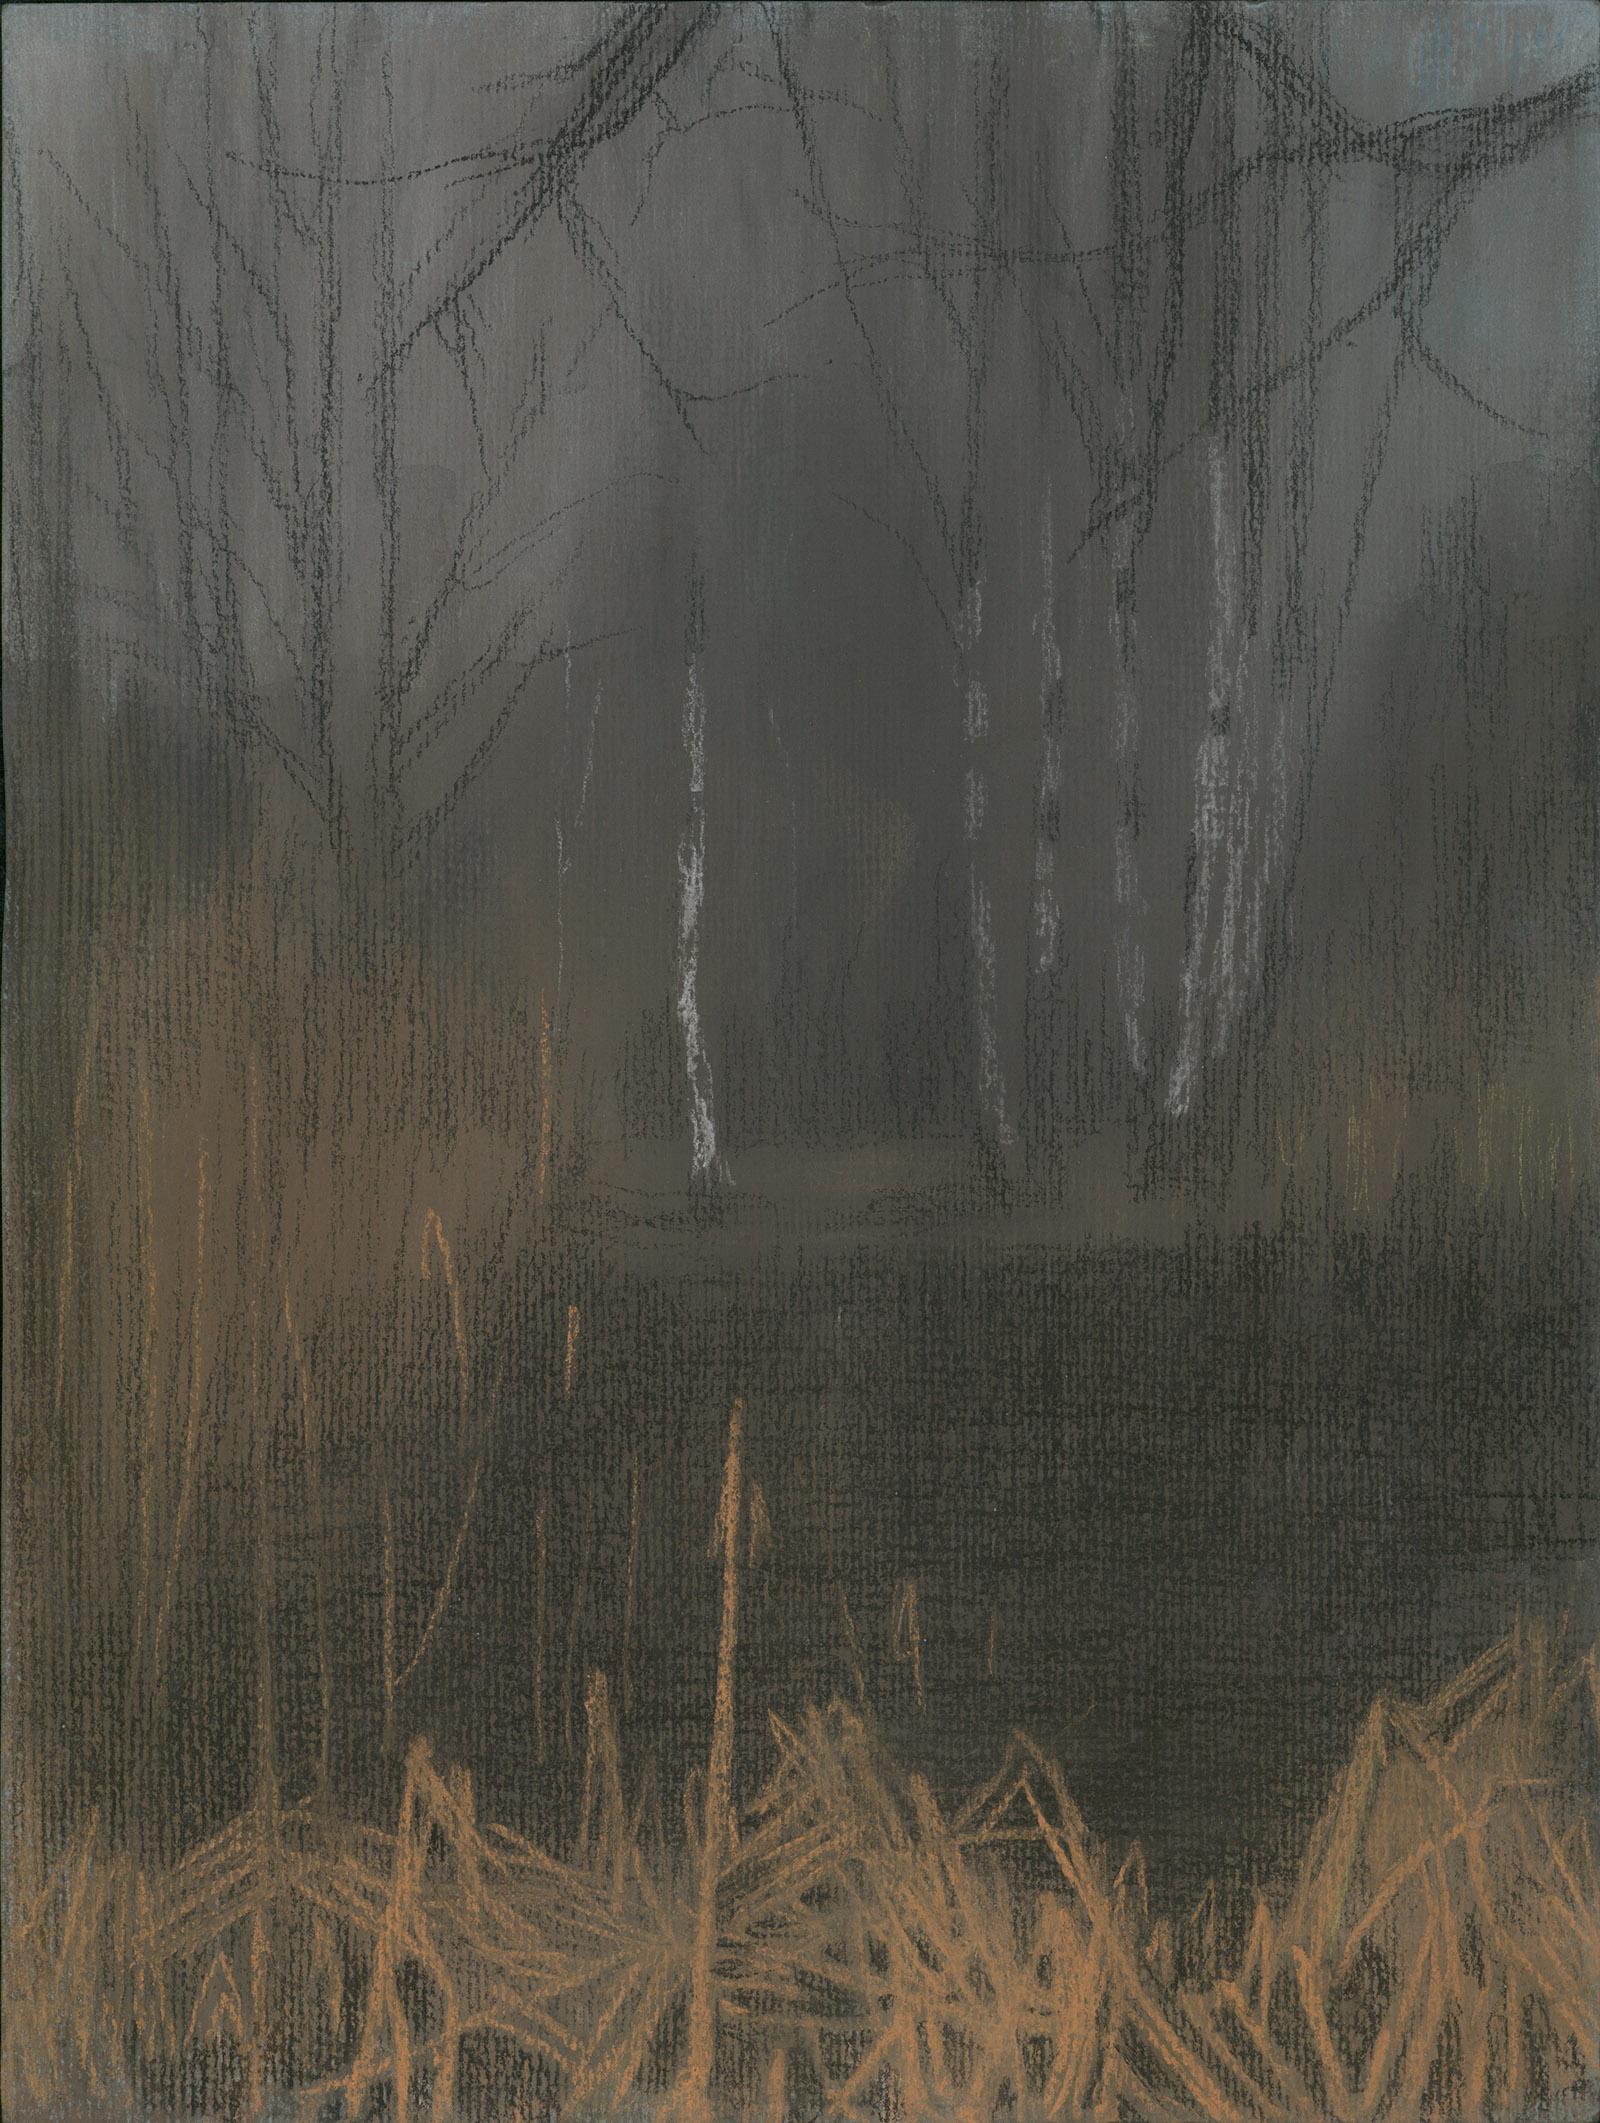 Winterscape 6-17. Ink, pastel, paper. 32x24cm. 2012